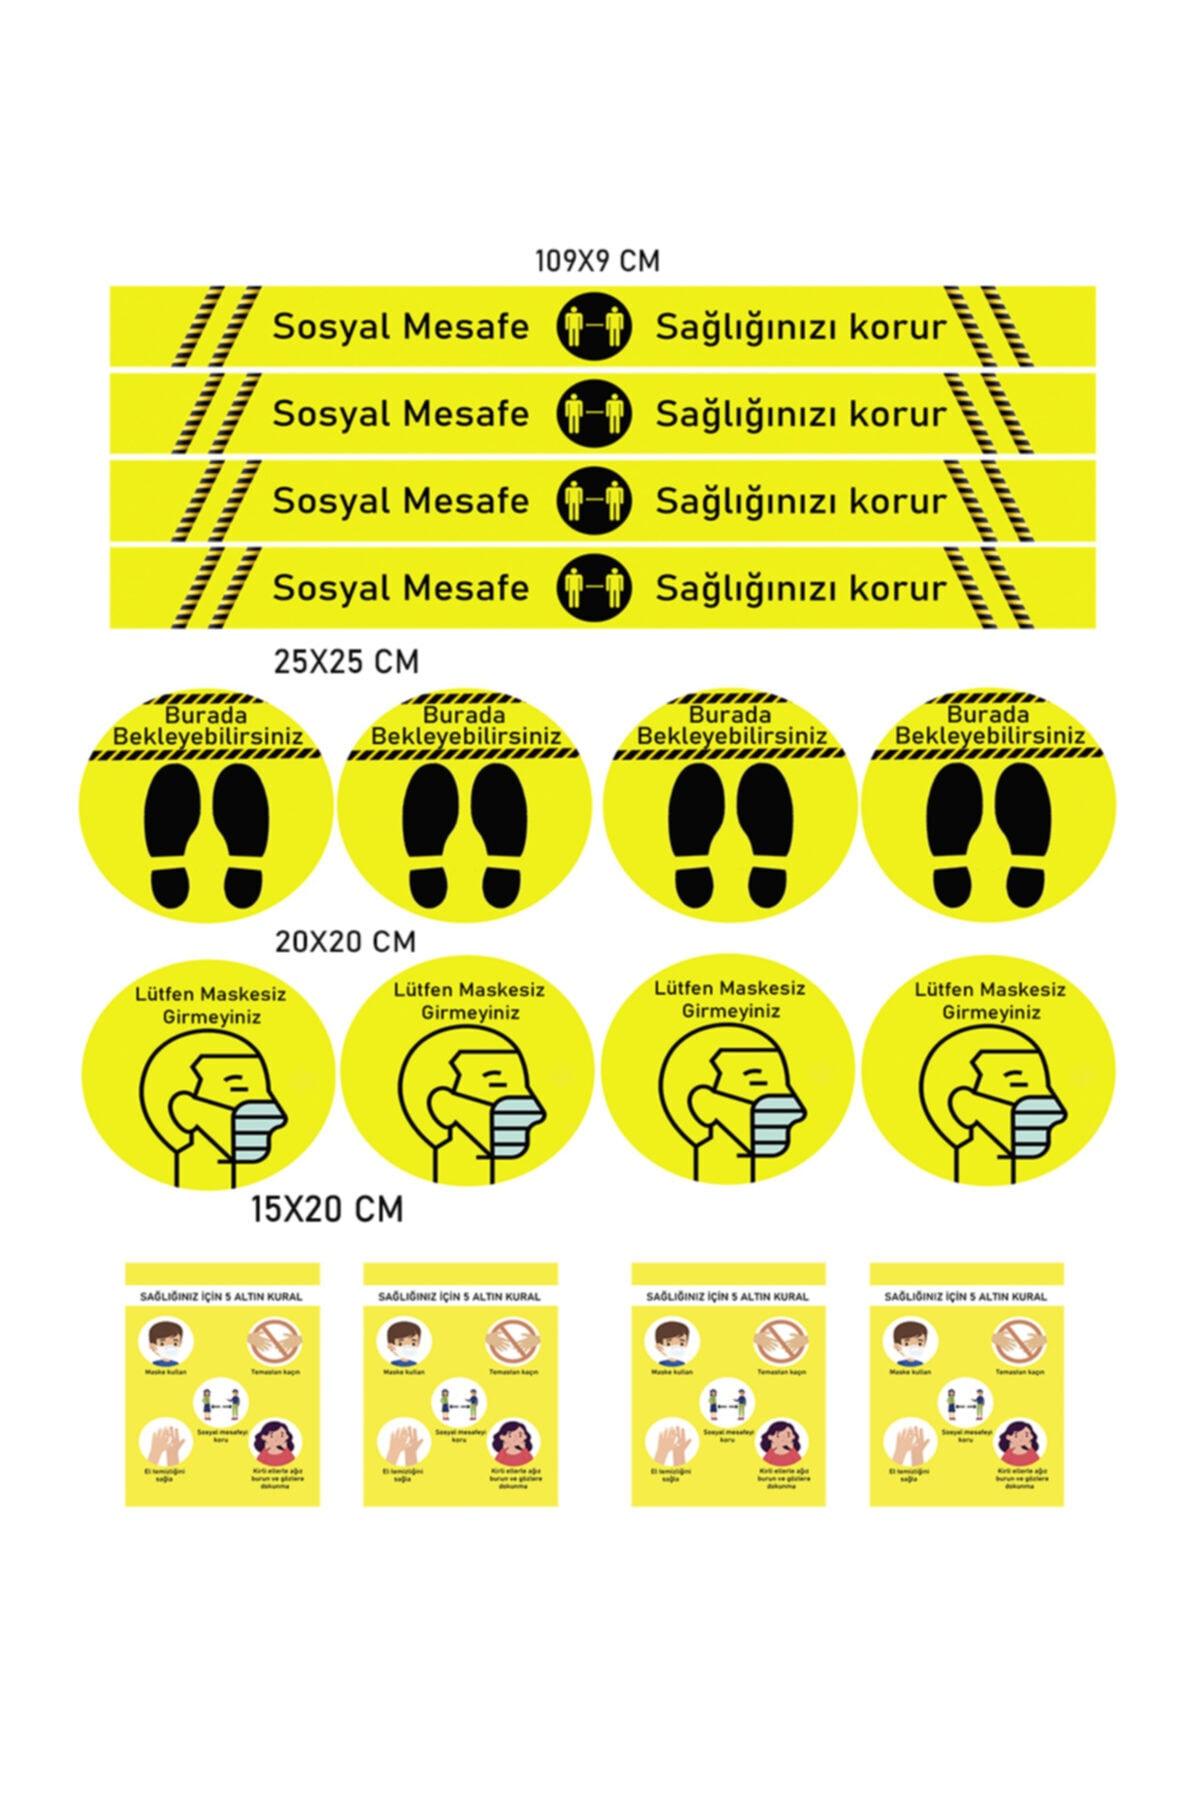 ELF Sosyal Mesafe Uyarı Sticker 5 Li Set 20 Adet Sarı Dp 600 1